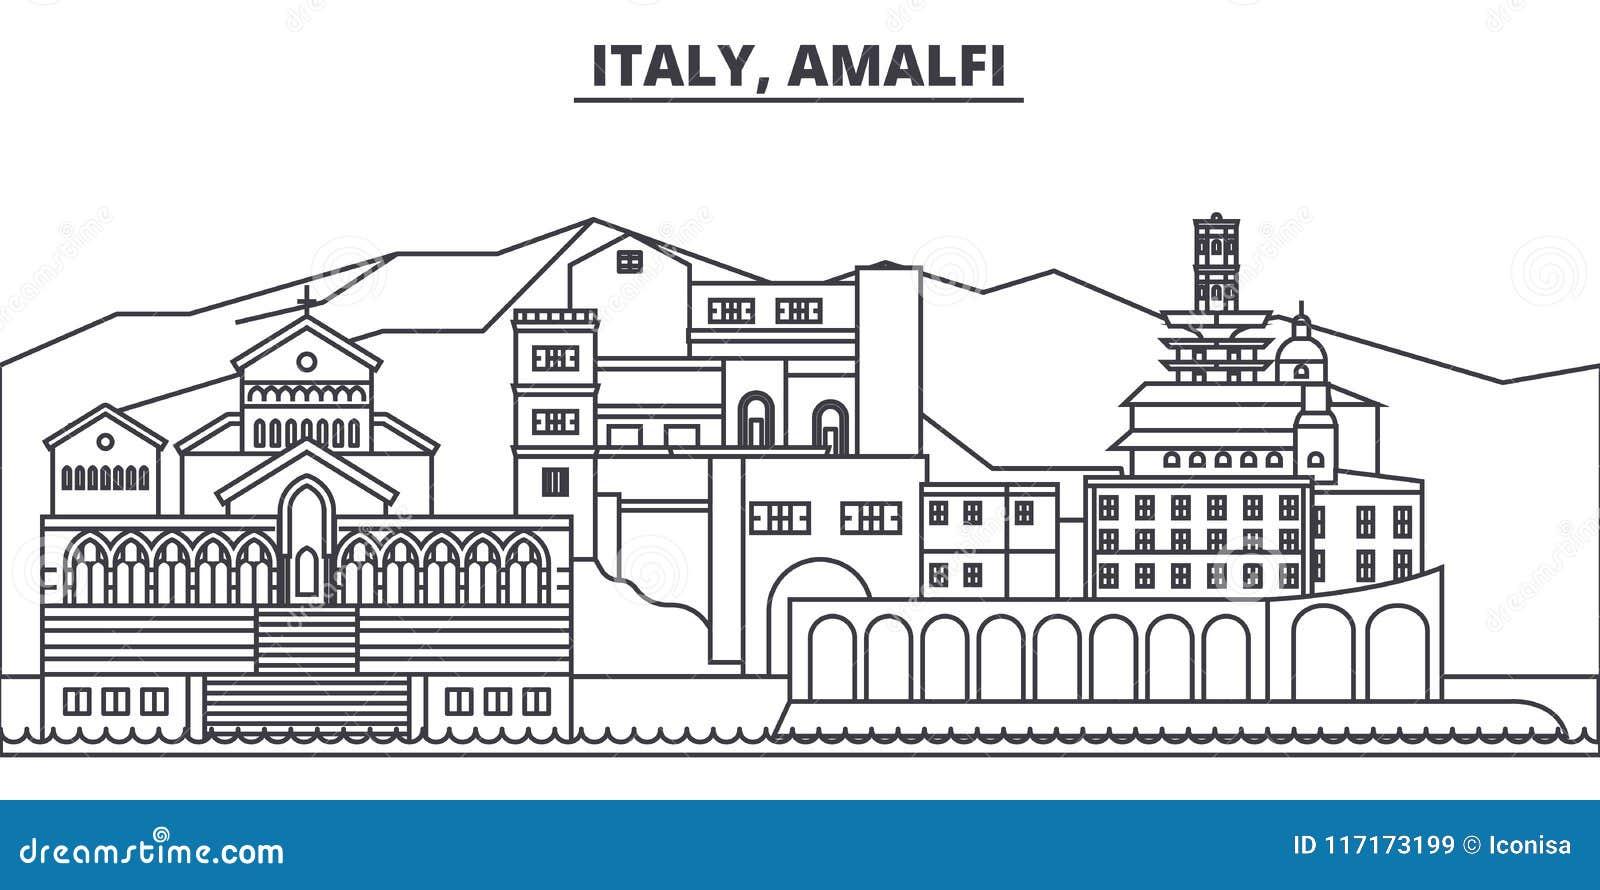 Ligne illustration de l Italie, Amalfi de vecteur d horizon L Italie, paysage urbain linéaire d Amalfi avec les points de repère